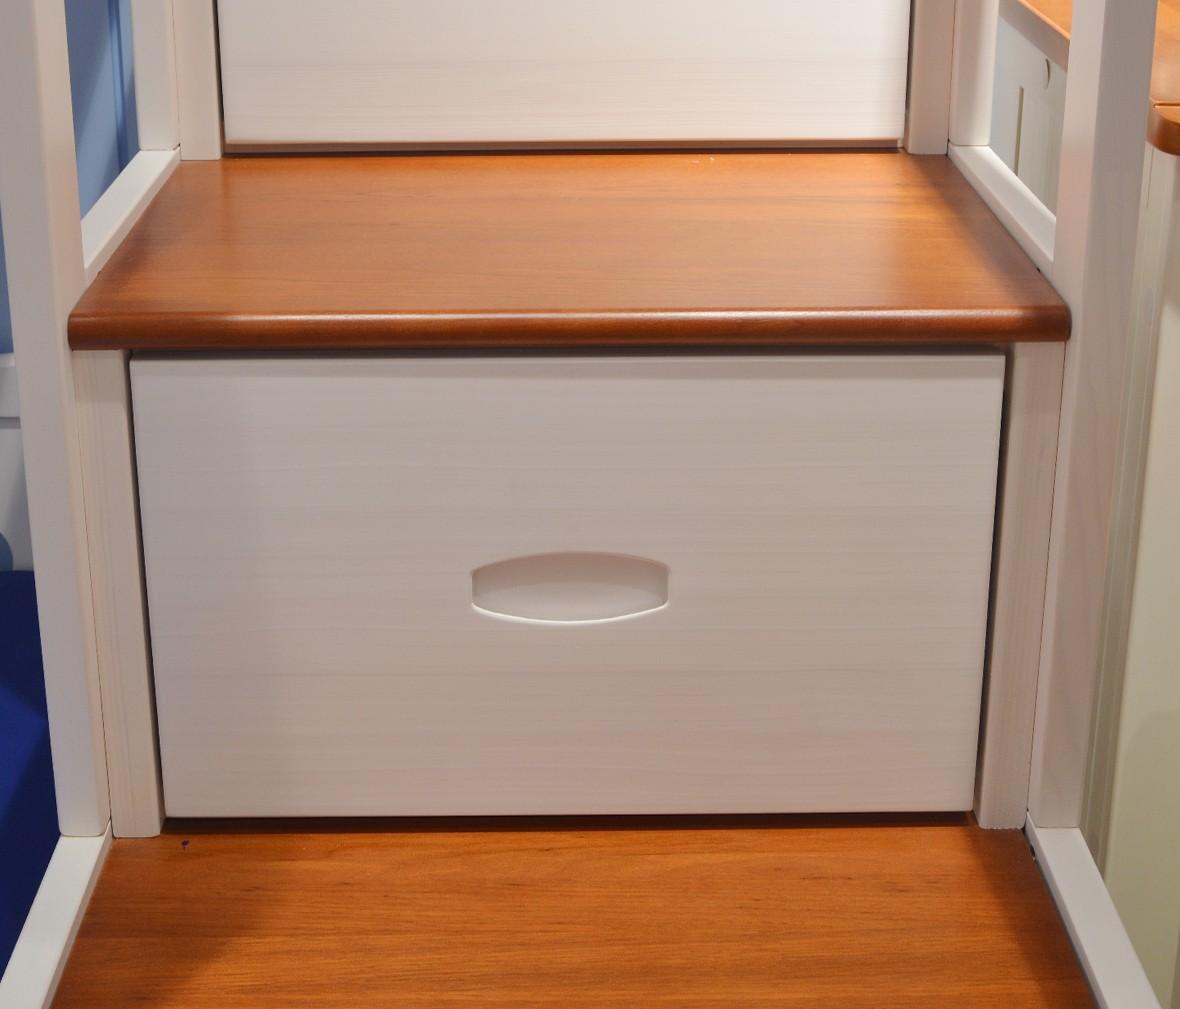 普罗城堡 D-B09型号上下床 进口俄罗斯松木材质上下床 商品细节